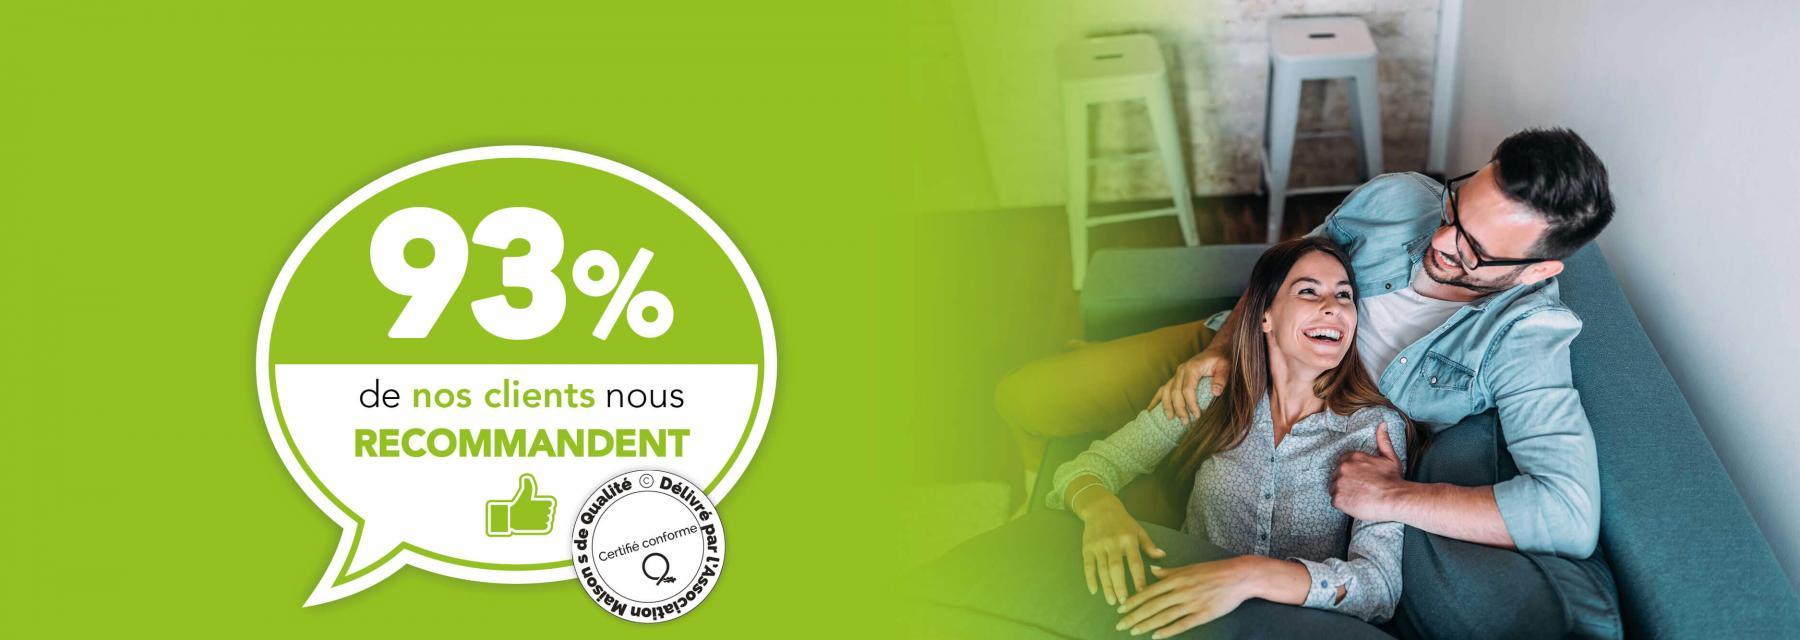 Maisons Création - 93% de nos clients nous recommandent !